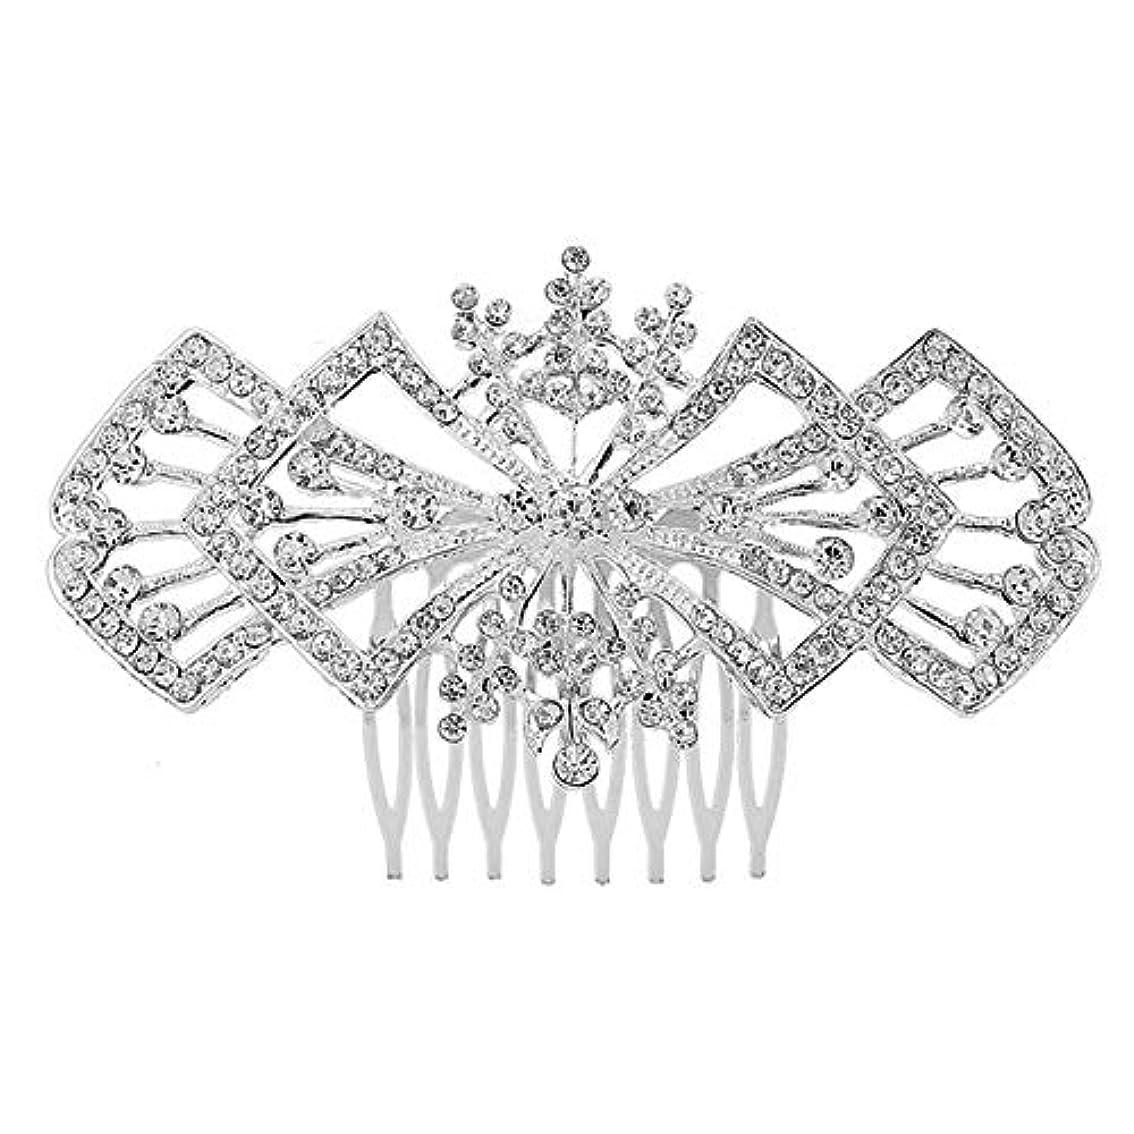 アルカトラズ島光のジョグ髪の櫛の櫛の櫛の花嫁の髪の櫛の花の髪の櫛のラインストーンの挿入物の櫛の合金の帽子の結婚式の宝石類